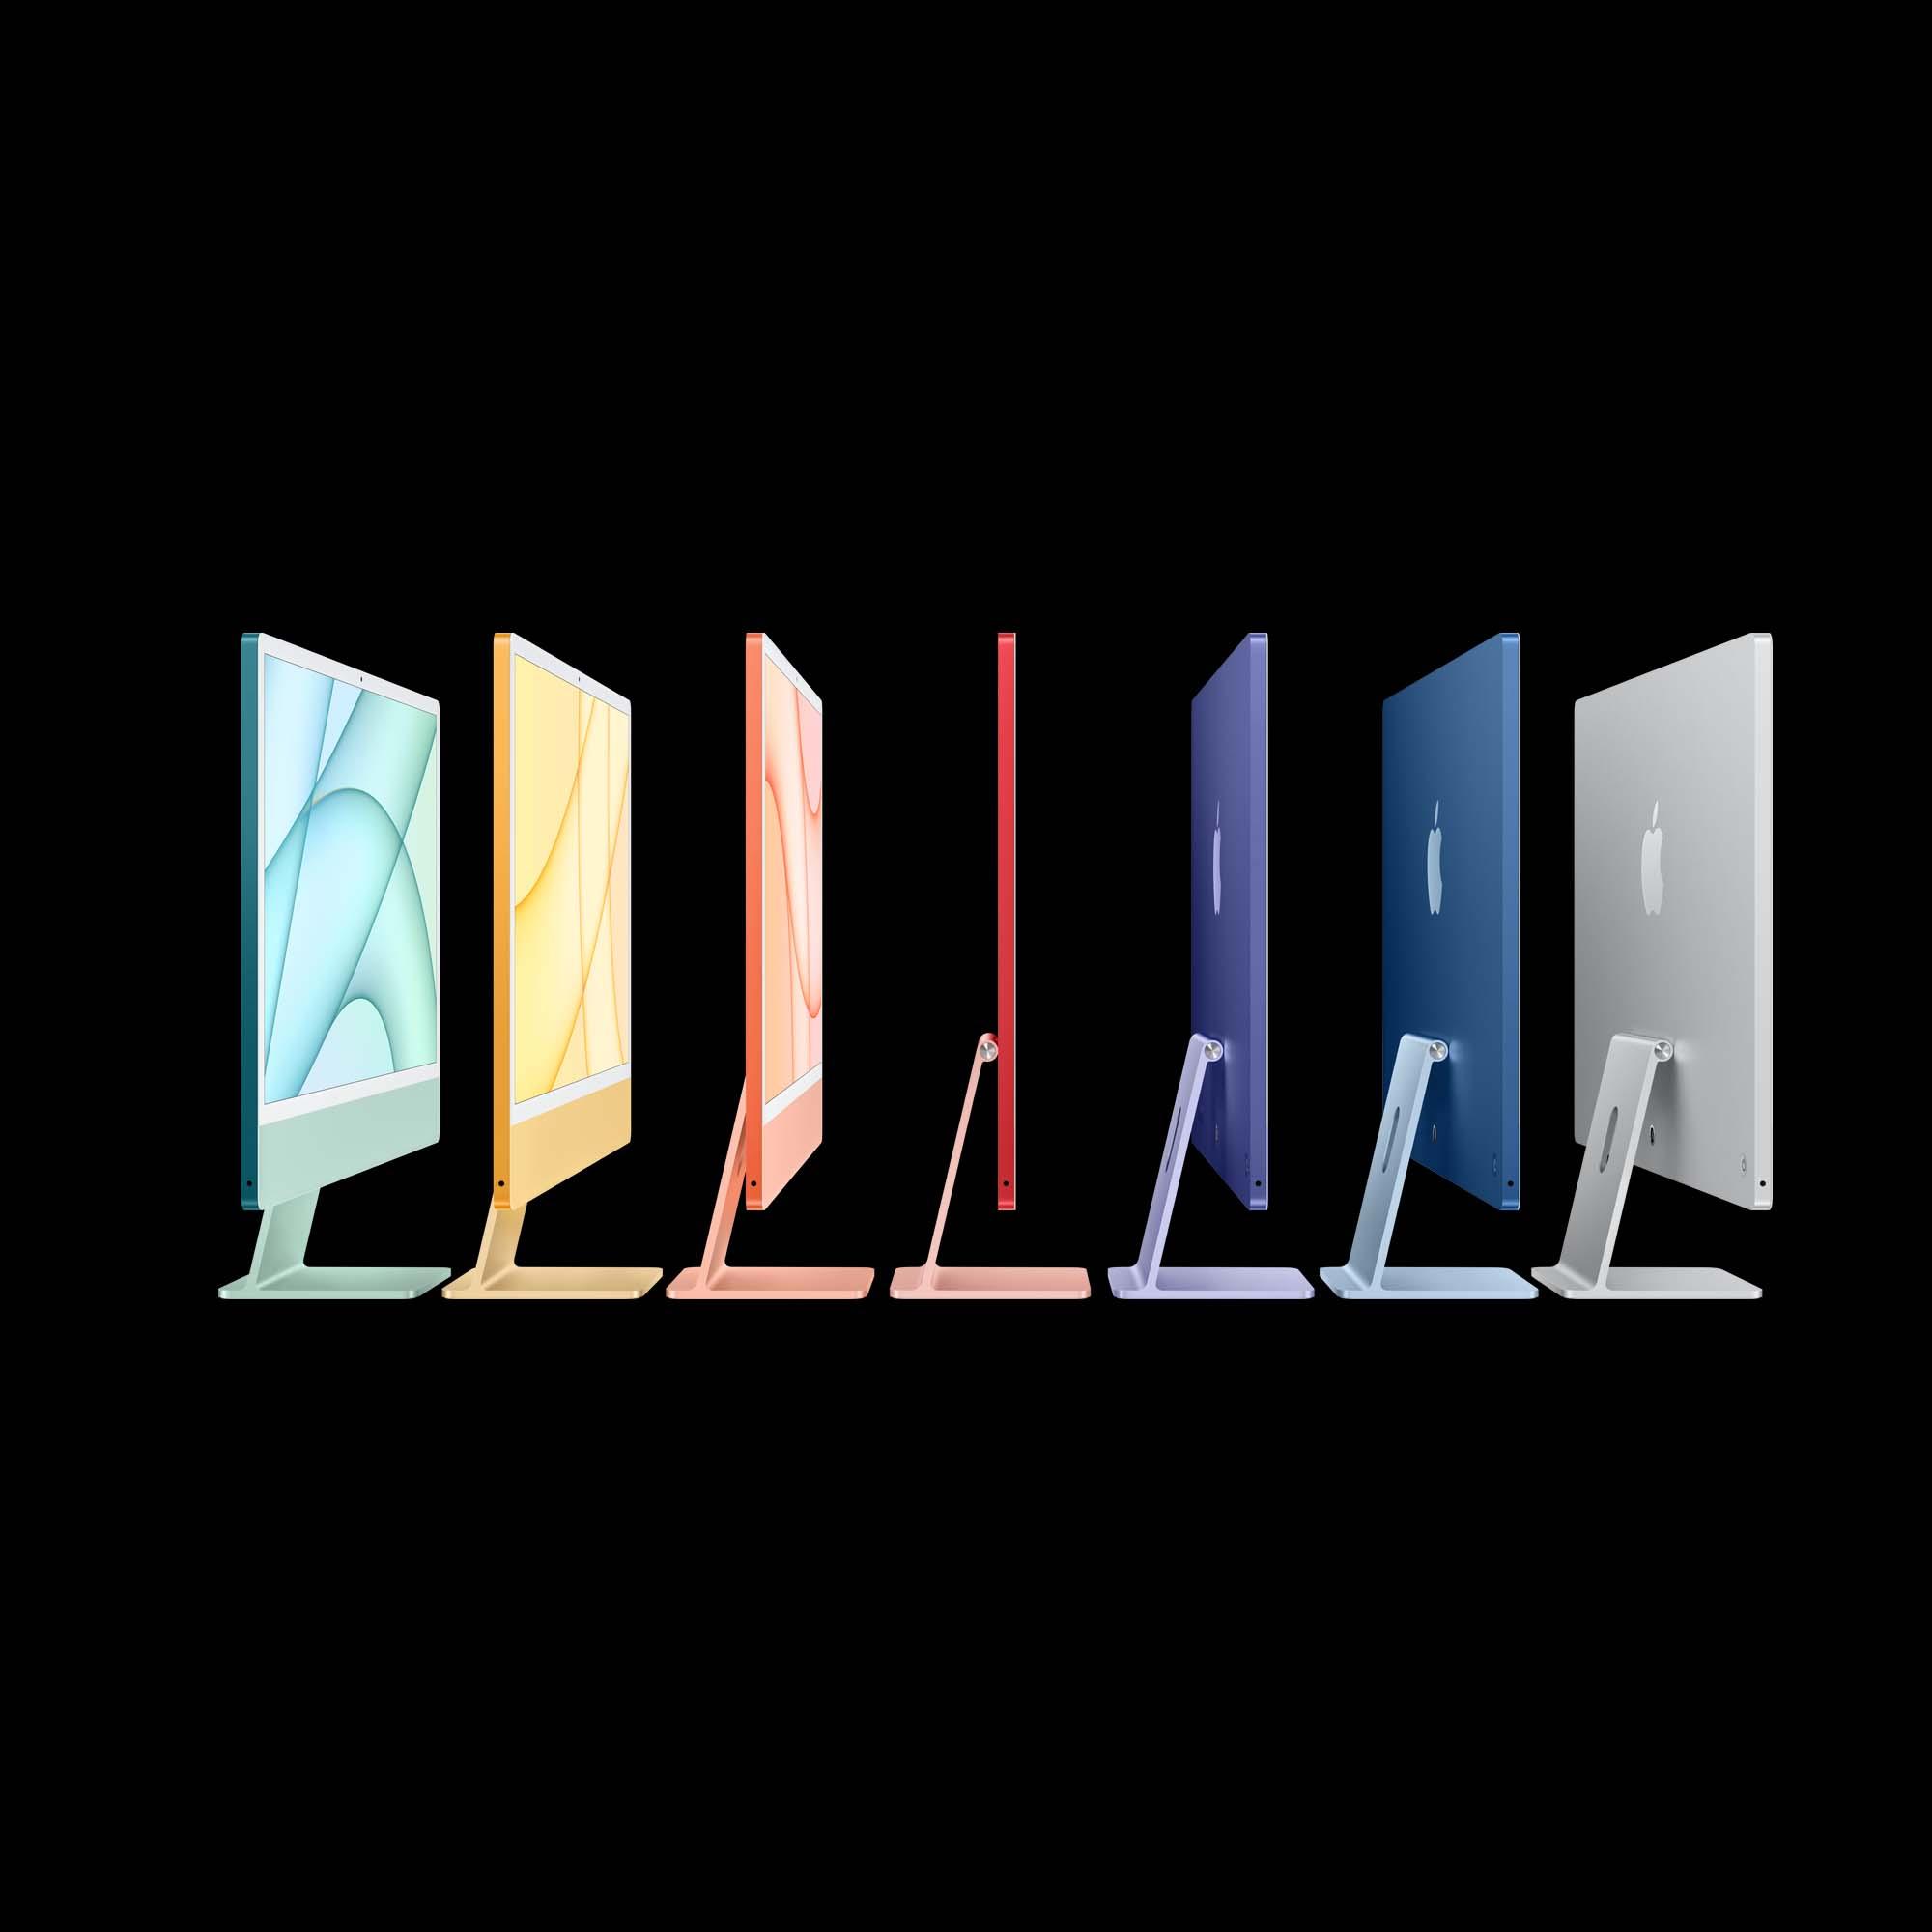 Bild på iMac 24 tum i olika färger